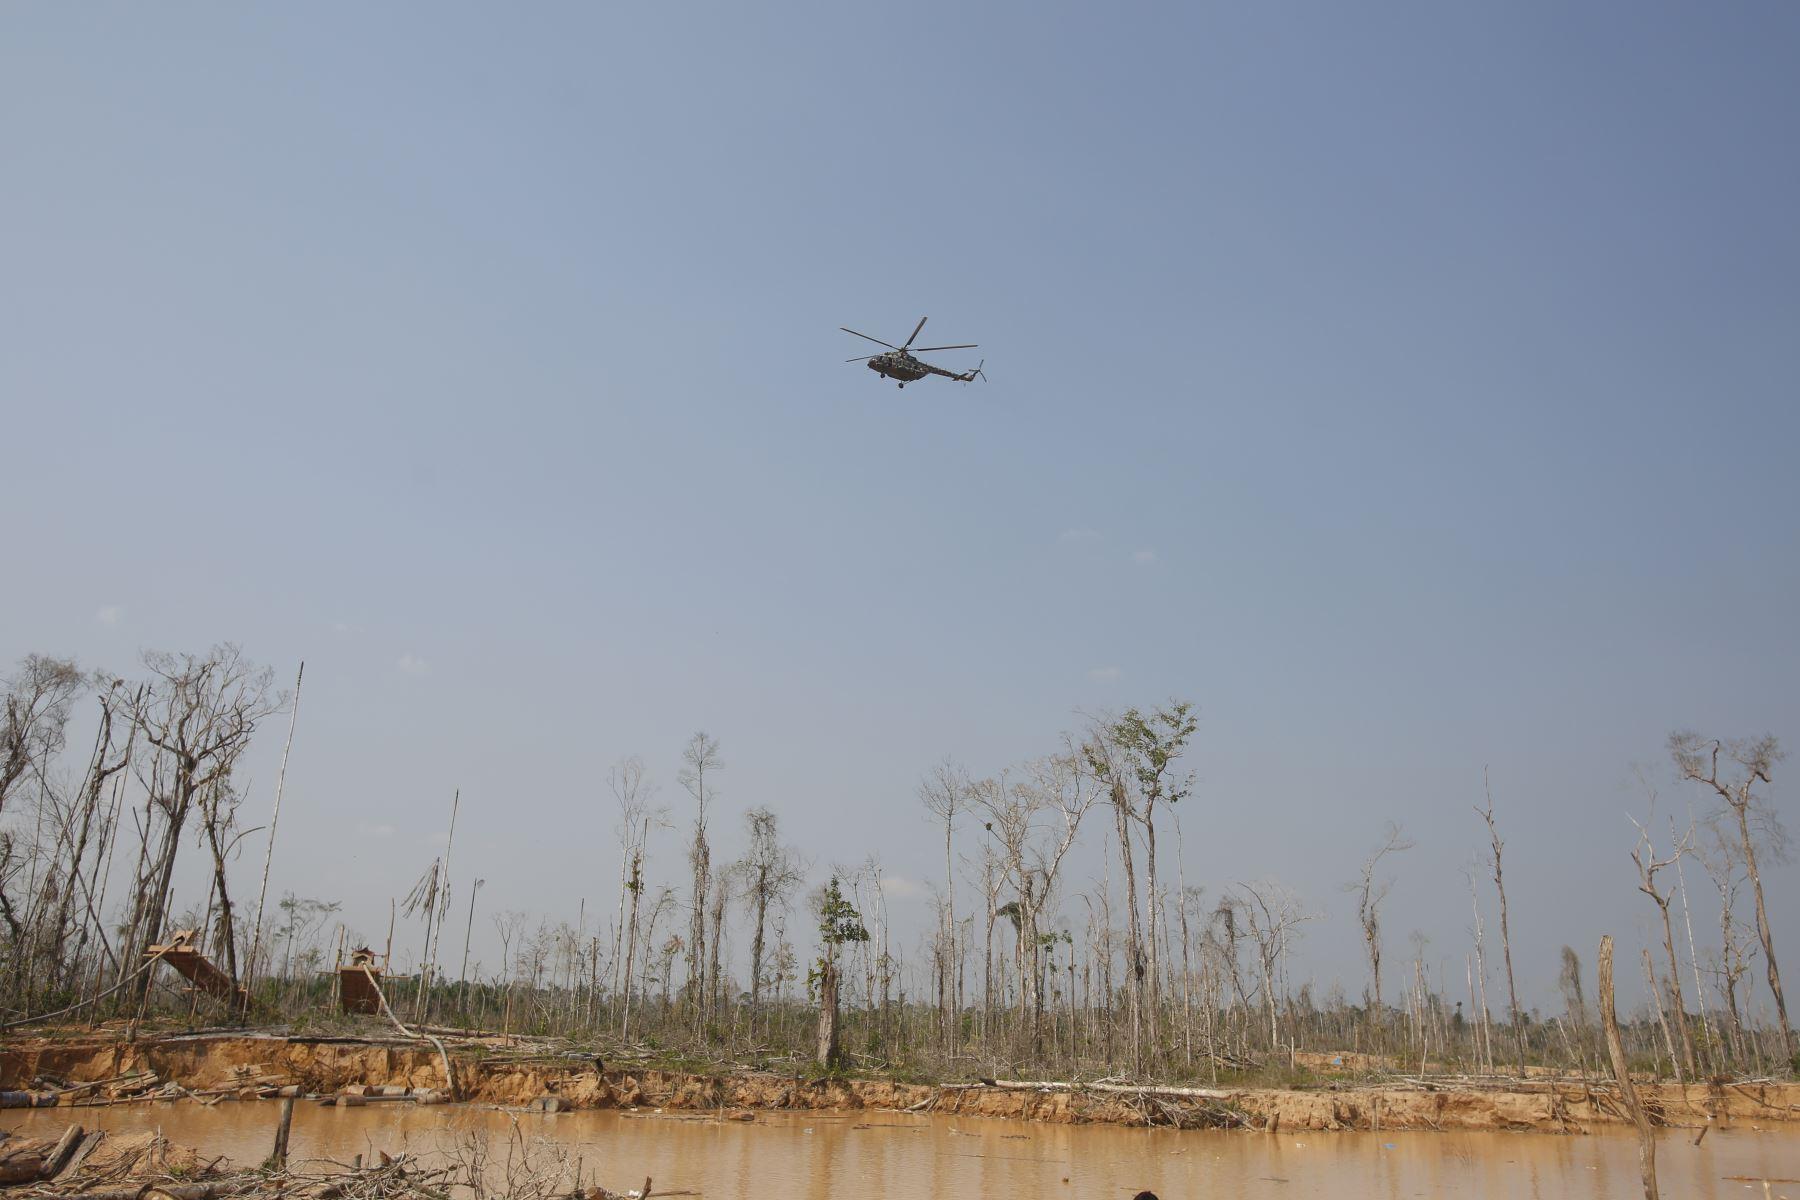 Ministro de Defensa, Jorge Moscoso inspecciona La Pampa a  6 meses del inicio del Plan Nacional contra la Minería Ilegal. Foto: ANDINA/Renato Pajuelo